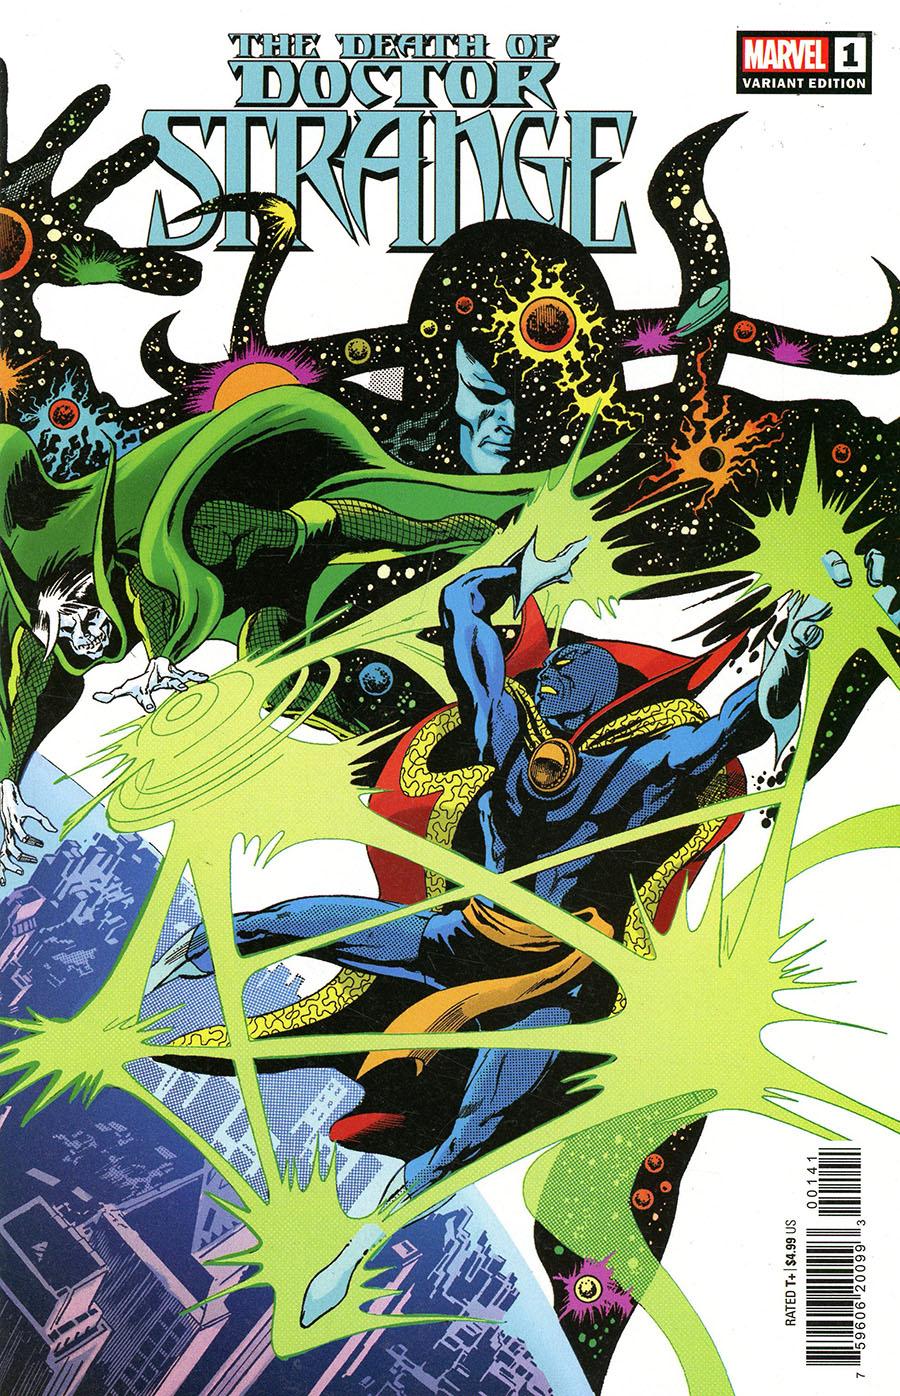 Death Of Doctor Strange #1 Cover G Incentive Gene Colan Hidden Gem Variant Cover